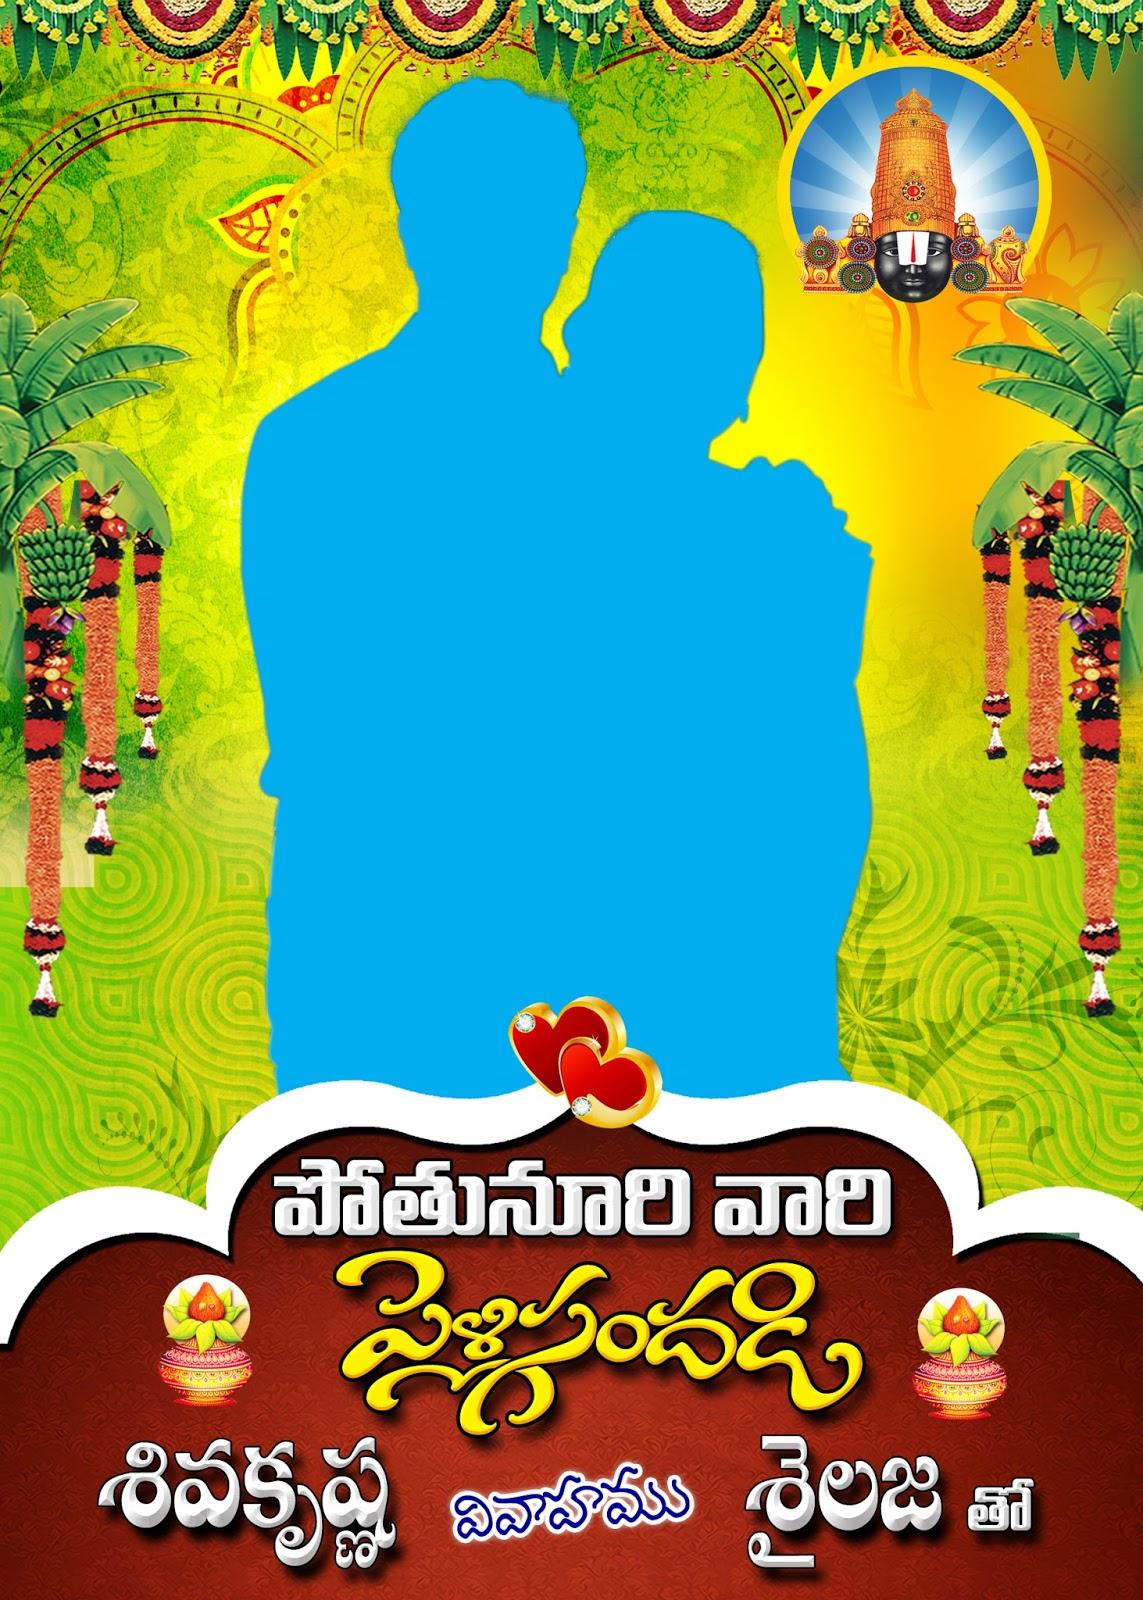 Wedding Banner Designs Background Wedding-flex-banner-designed